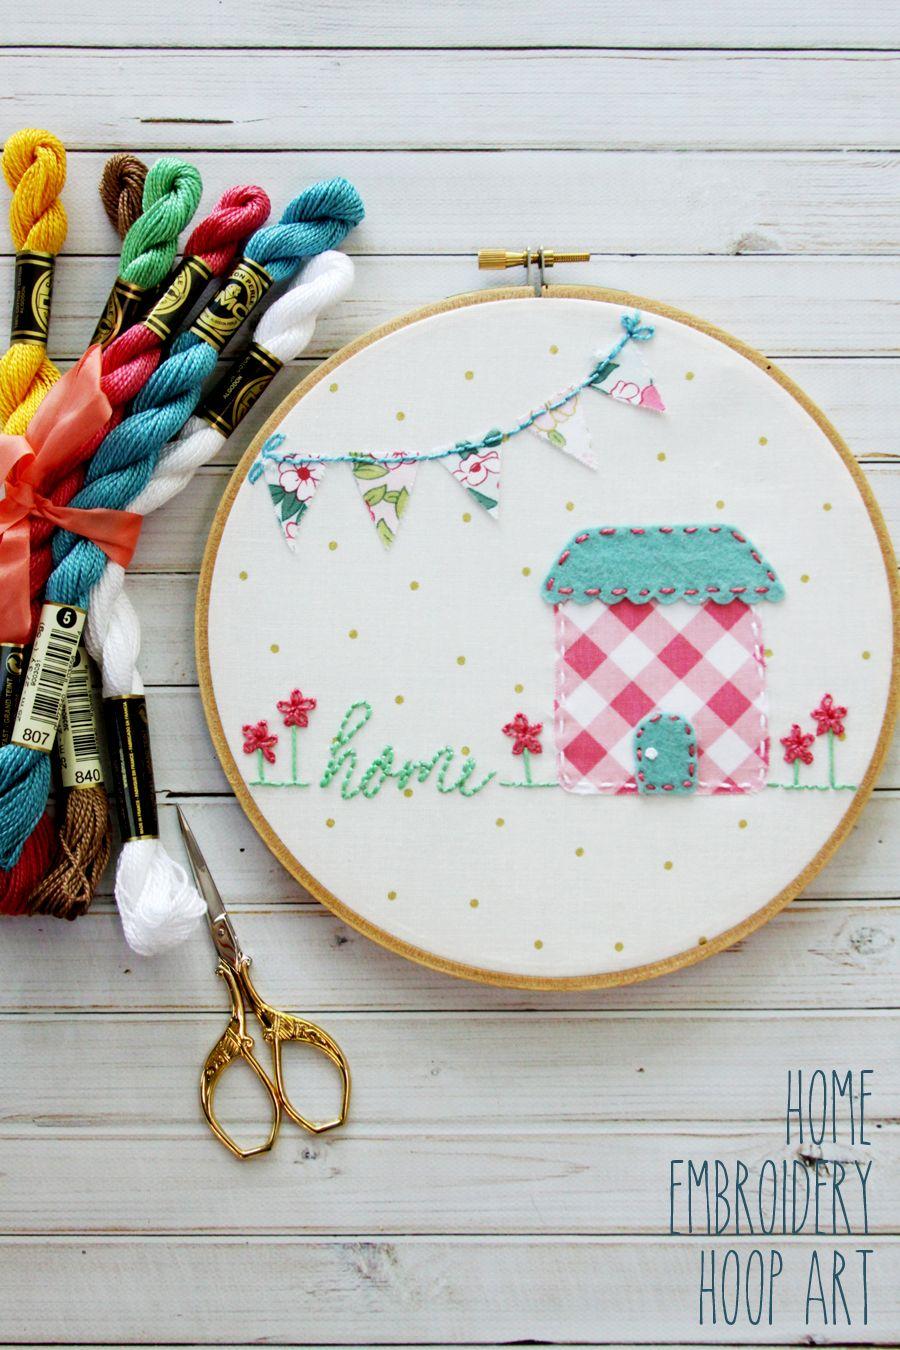 Sweet Home Embroidery Hoop Art -   Bordado, Apliques y Fieltro